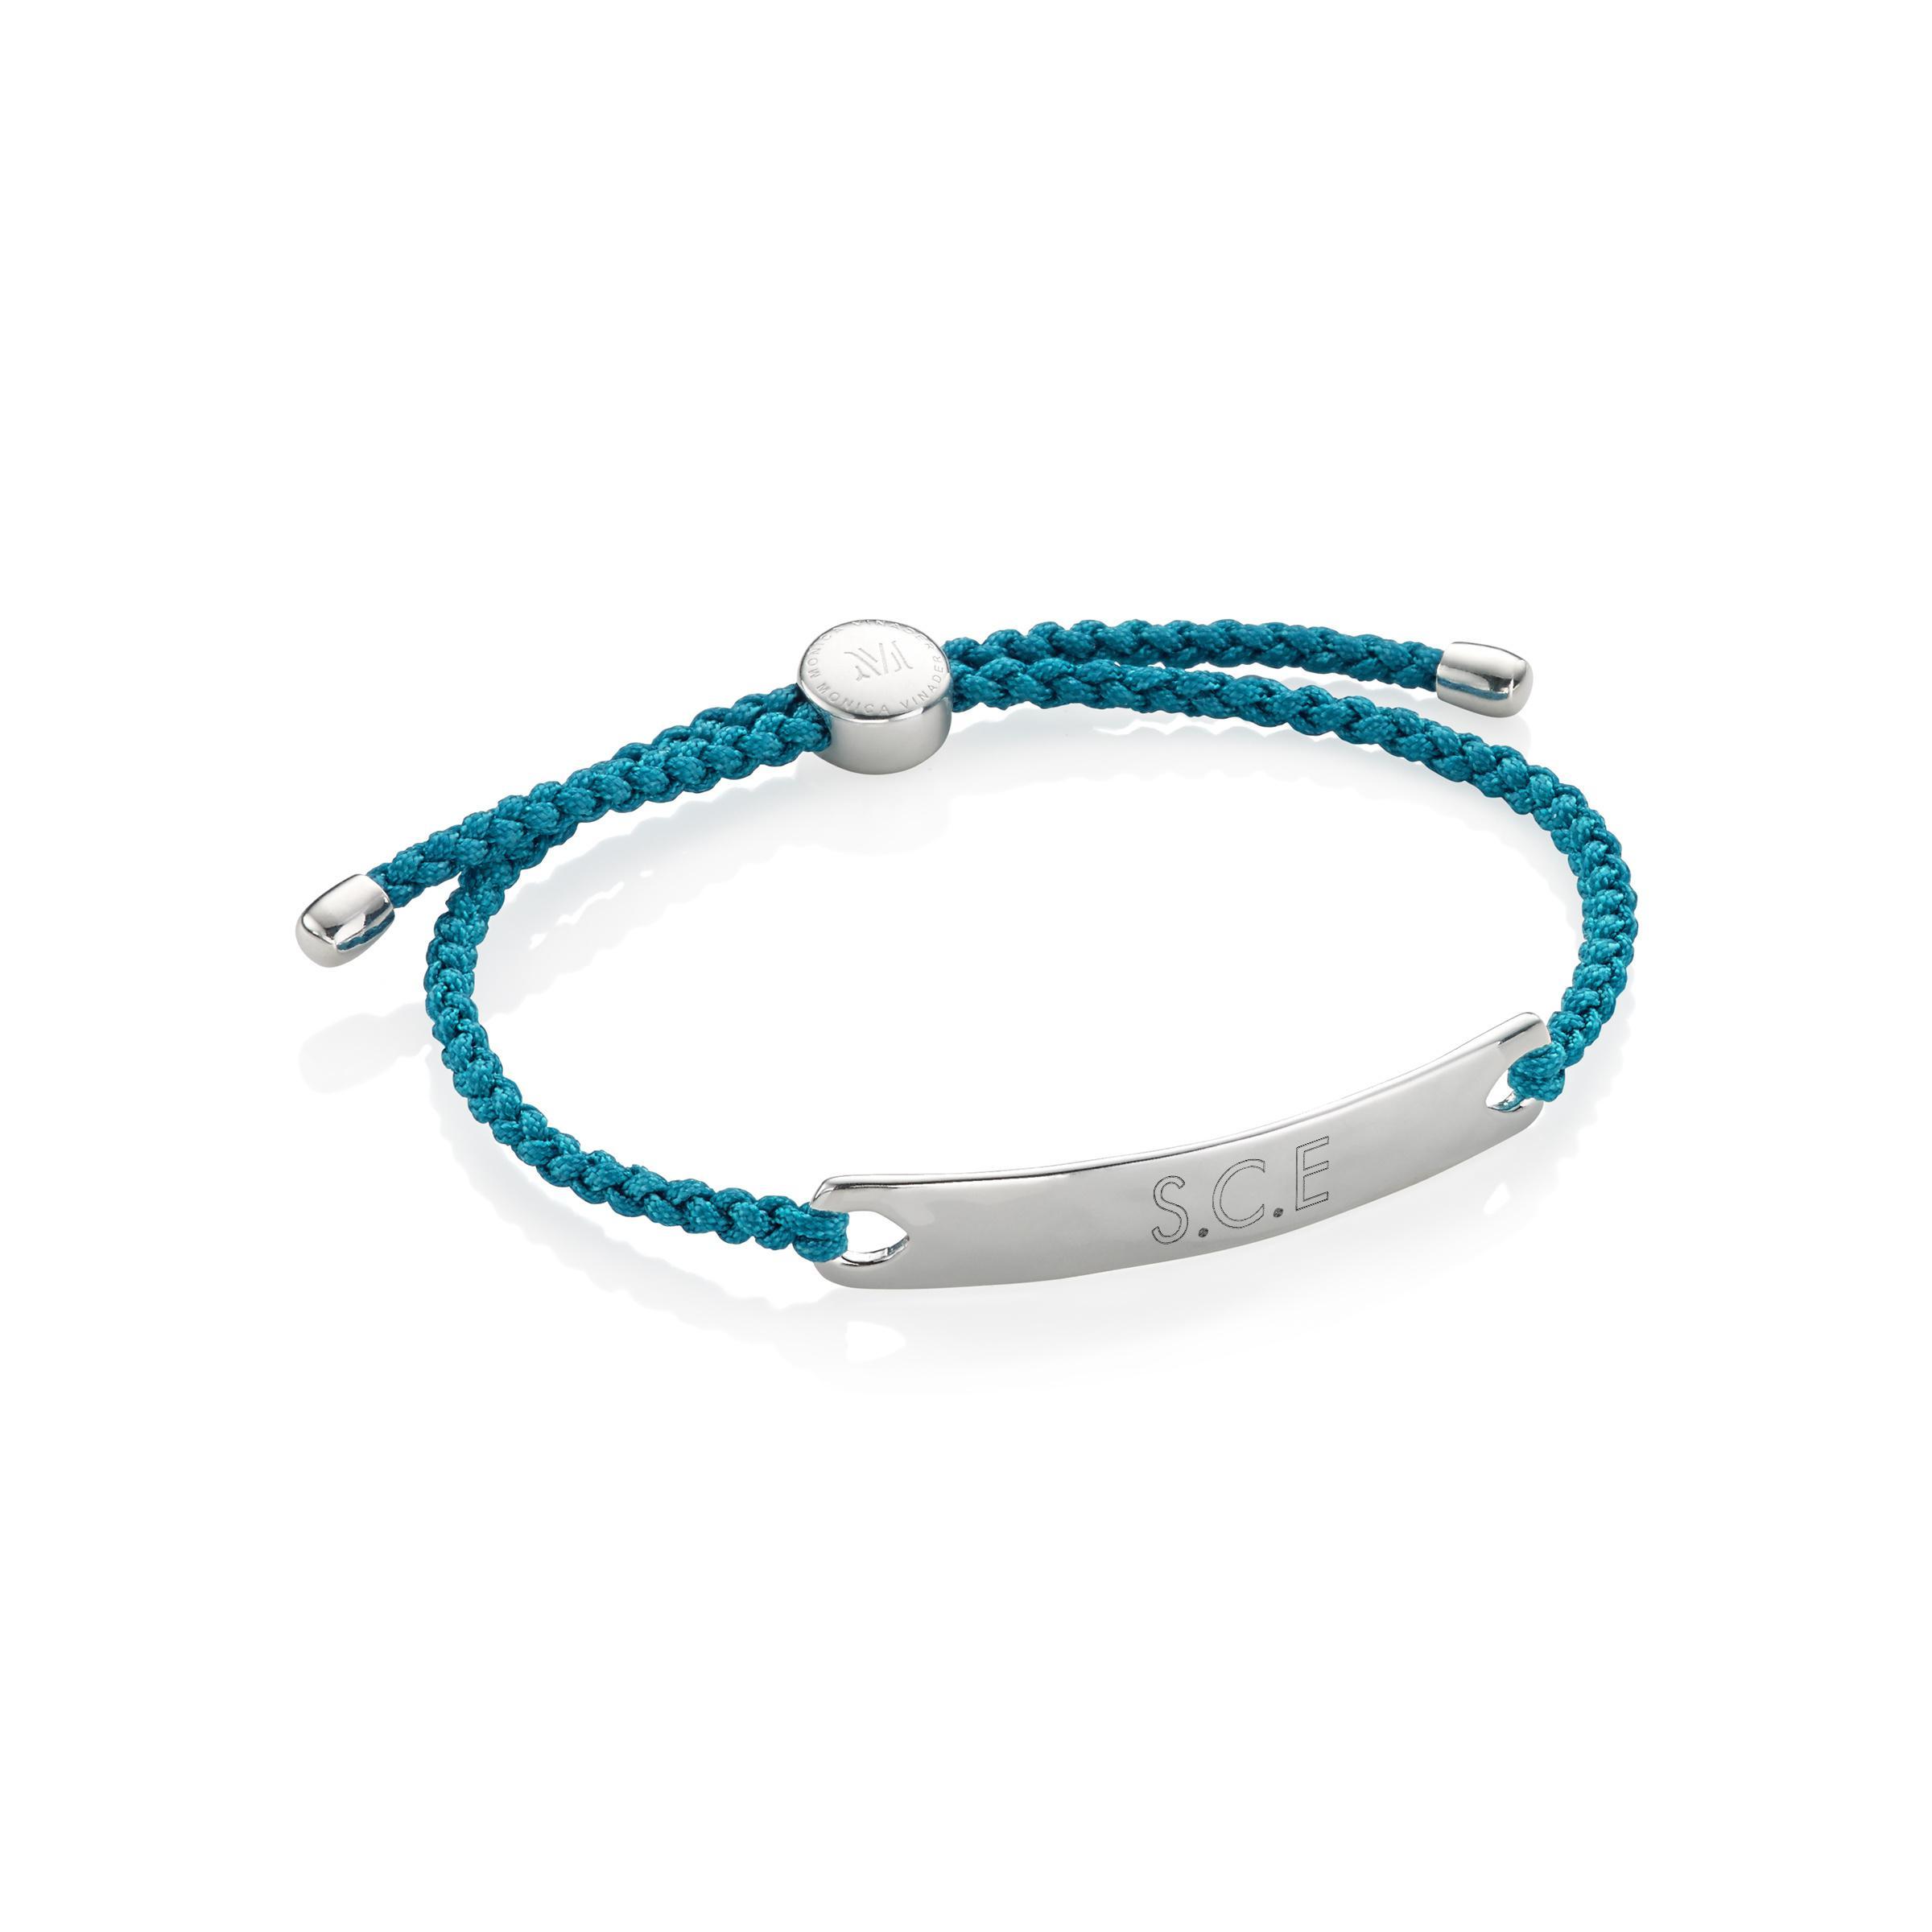 Linear Mens Friendship Bracelet, Sterling Silver Monica Vinader